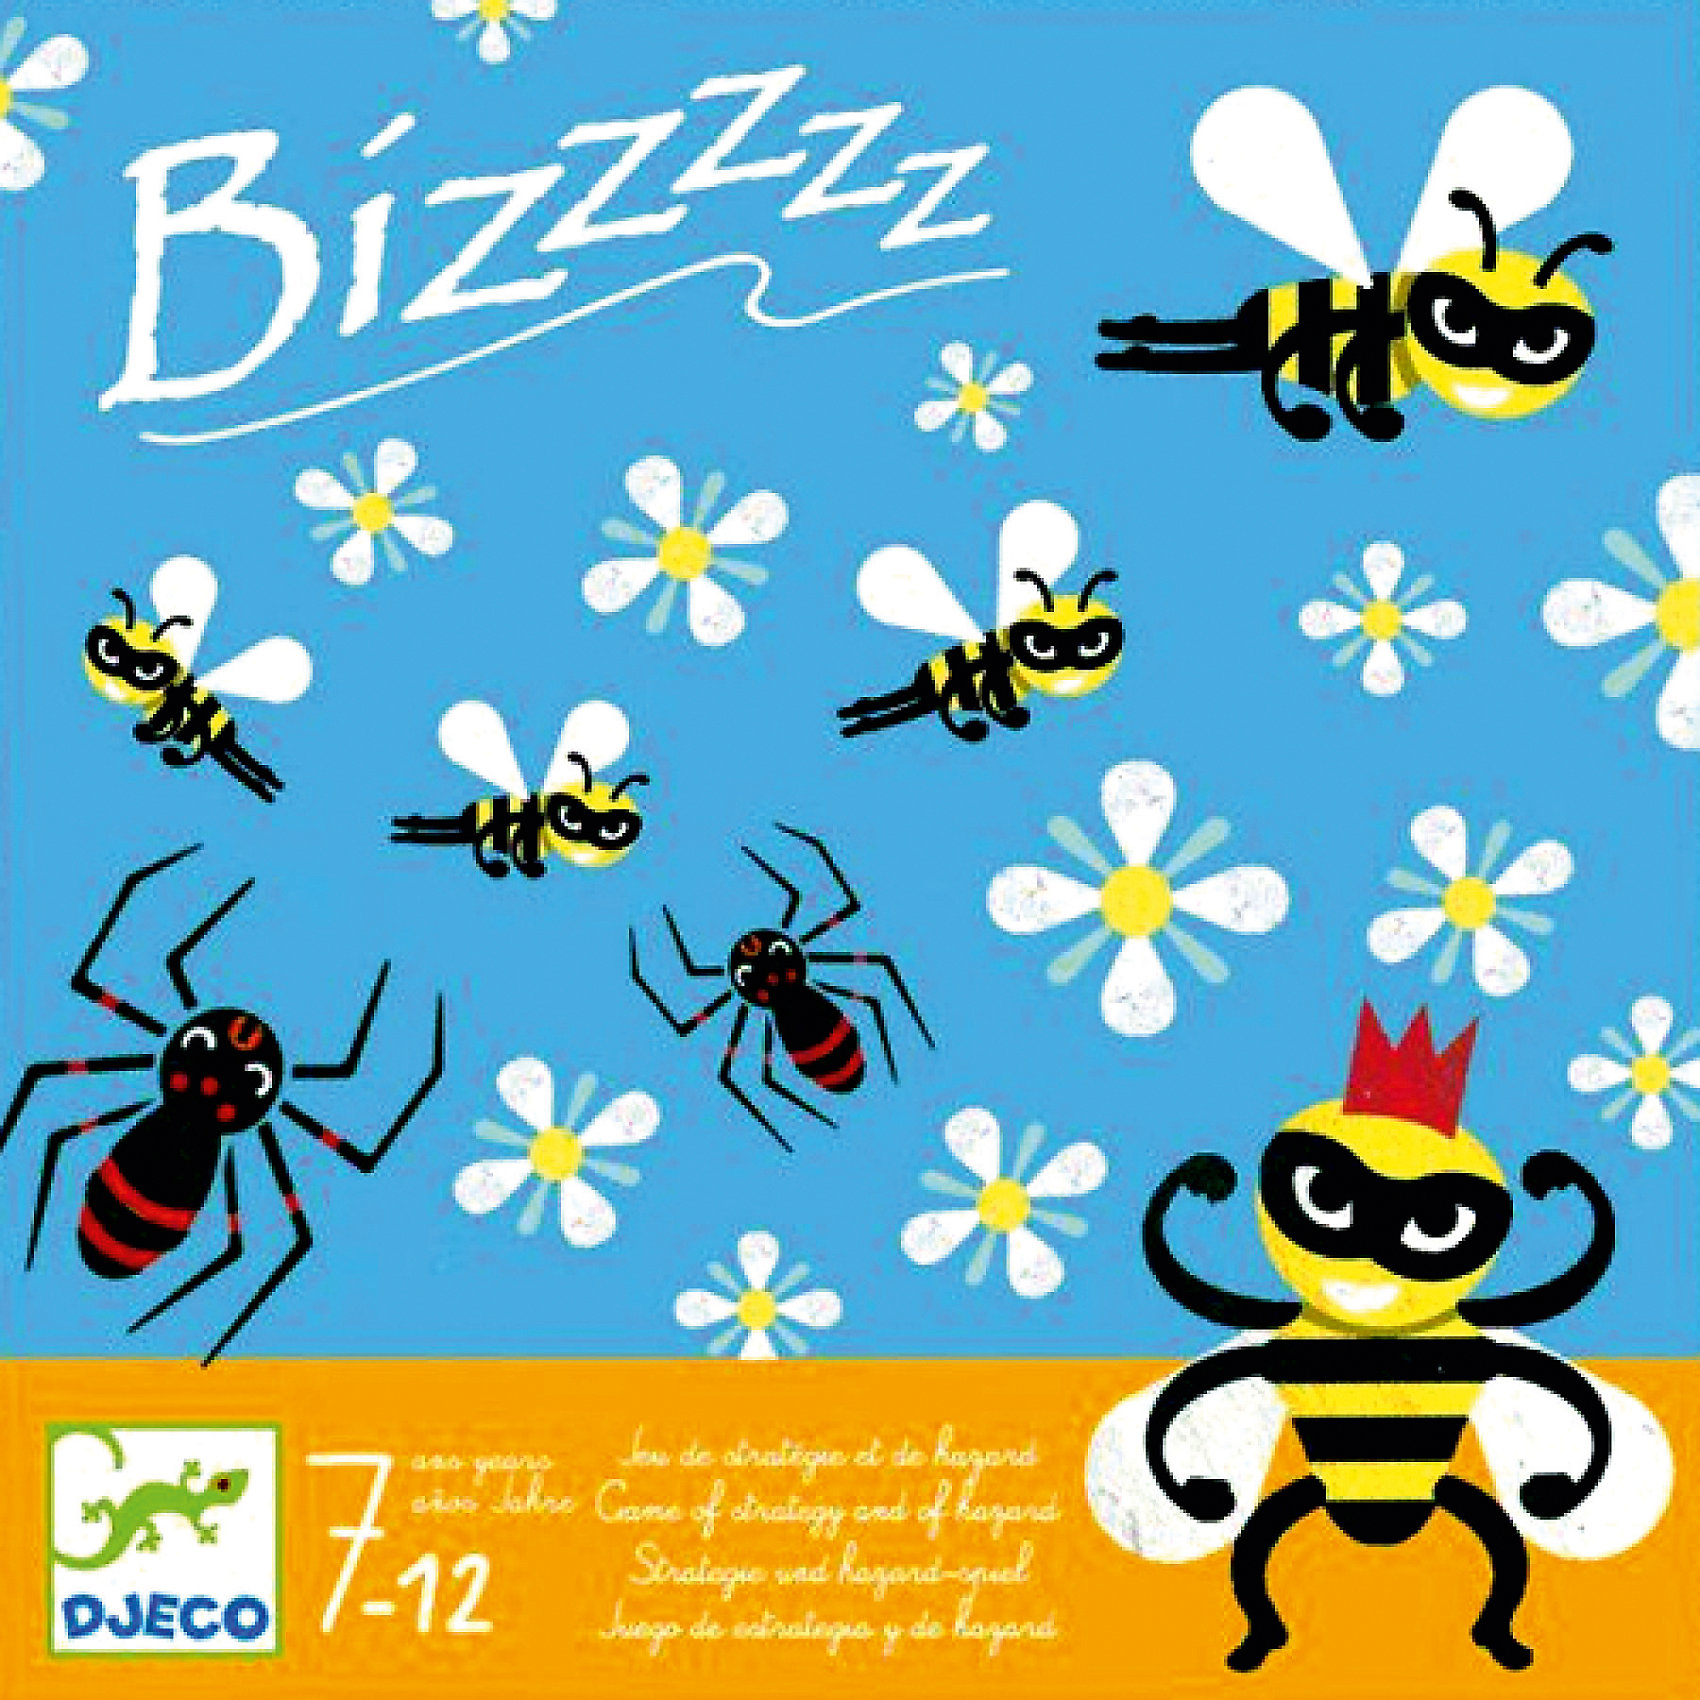 Игра Бззззз, DJECOДеревянные игры и пазлы<br>Игра Бззззз, Djeco (Джеко) - увлекательная стратегическая игра, которая надолго займет внимание детей и не даст им заскучать. Игра рассчитана на двух игроков. Цель игры состоит в том, чтобы пчелки сделали как можно больше мёда, а вредные паучки им не помешали. Каждый из участников по очереди бросает кубик, стараясь при этом, чтобы пчелки из его улья собрали нектар с наибольшего количества цветов. Одновременно игроки пытаются помешать друг другу с помощью злобных паучков. Набор оформлен в яркую подарочную коробочку. Игра отлично развивает внимательность, стратегические и логические способности.<br><br>Дополнительная информация:<br><br>- В комплекте: 1 игровое поле, 31 фишка с пчелками, другими насекомыми и цветочками, 1 деревянный кубик.<br>- Материал: картон, дерево<br>- Размер упаковки: 21,5 х 21,5 х 3 см.<br><br>Игру Бззззз, Djeco (Джеко), можно купить в нашем магазине.<br><br>Ширина мм: 40<br>Глубина мм: 220<br>Высота мм: 220<br>Вес г: 540<br>Возраст от месяцев: 84<br>Возраст до месяцев: 120<br>Пол: Унисекс<br>Возраст: Детский<br>SKU: 4566308